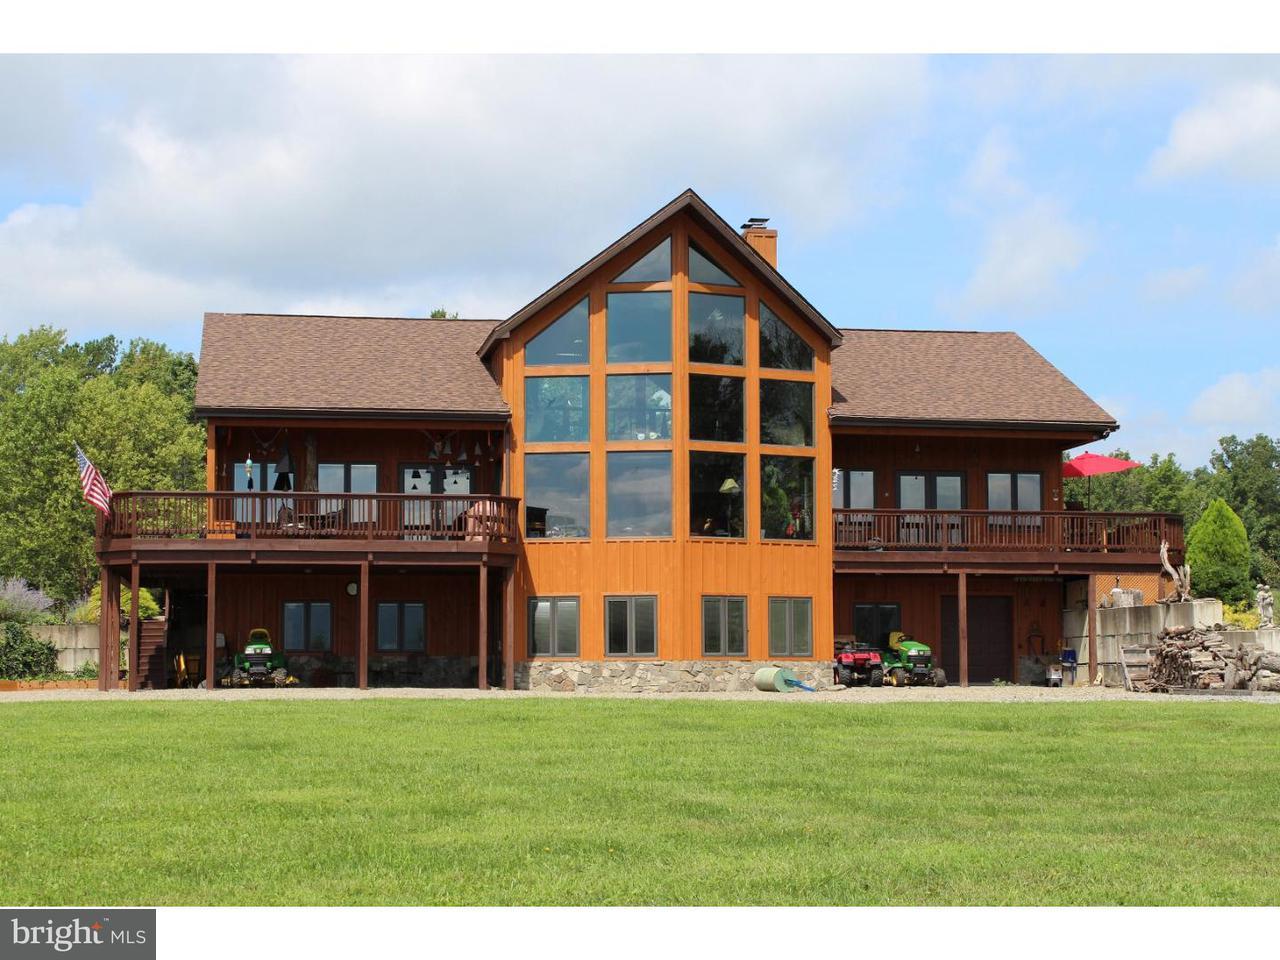 Частный односемейный дом для того Продажа на 93 FRANKLIN Road Towanda, Пенсильвания 18848 Соединенные Штаты